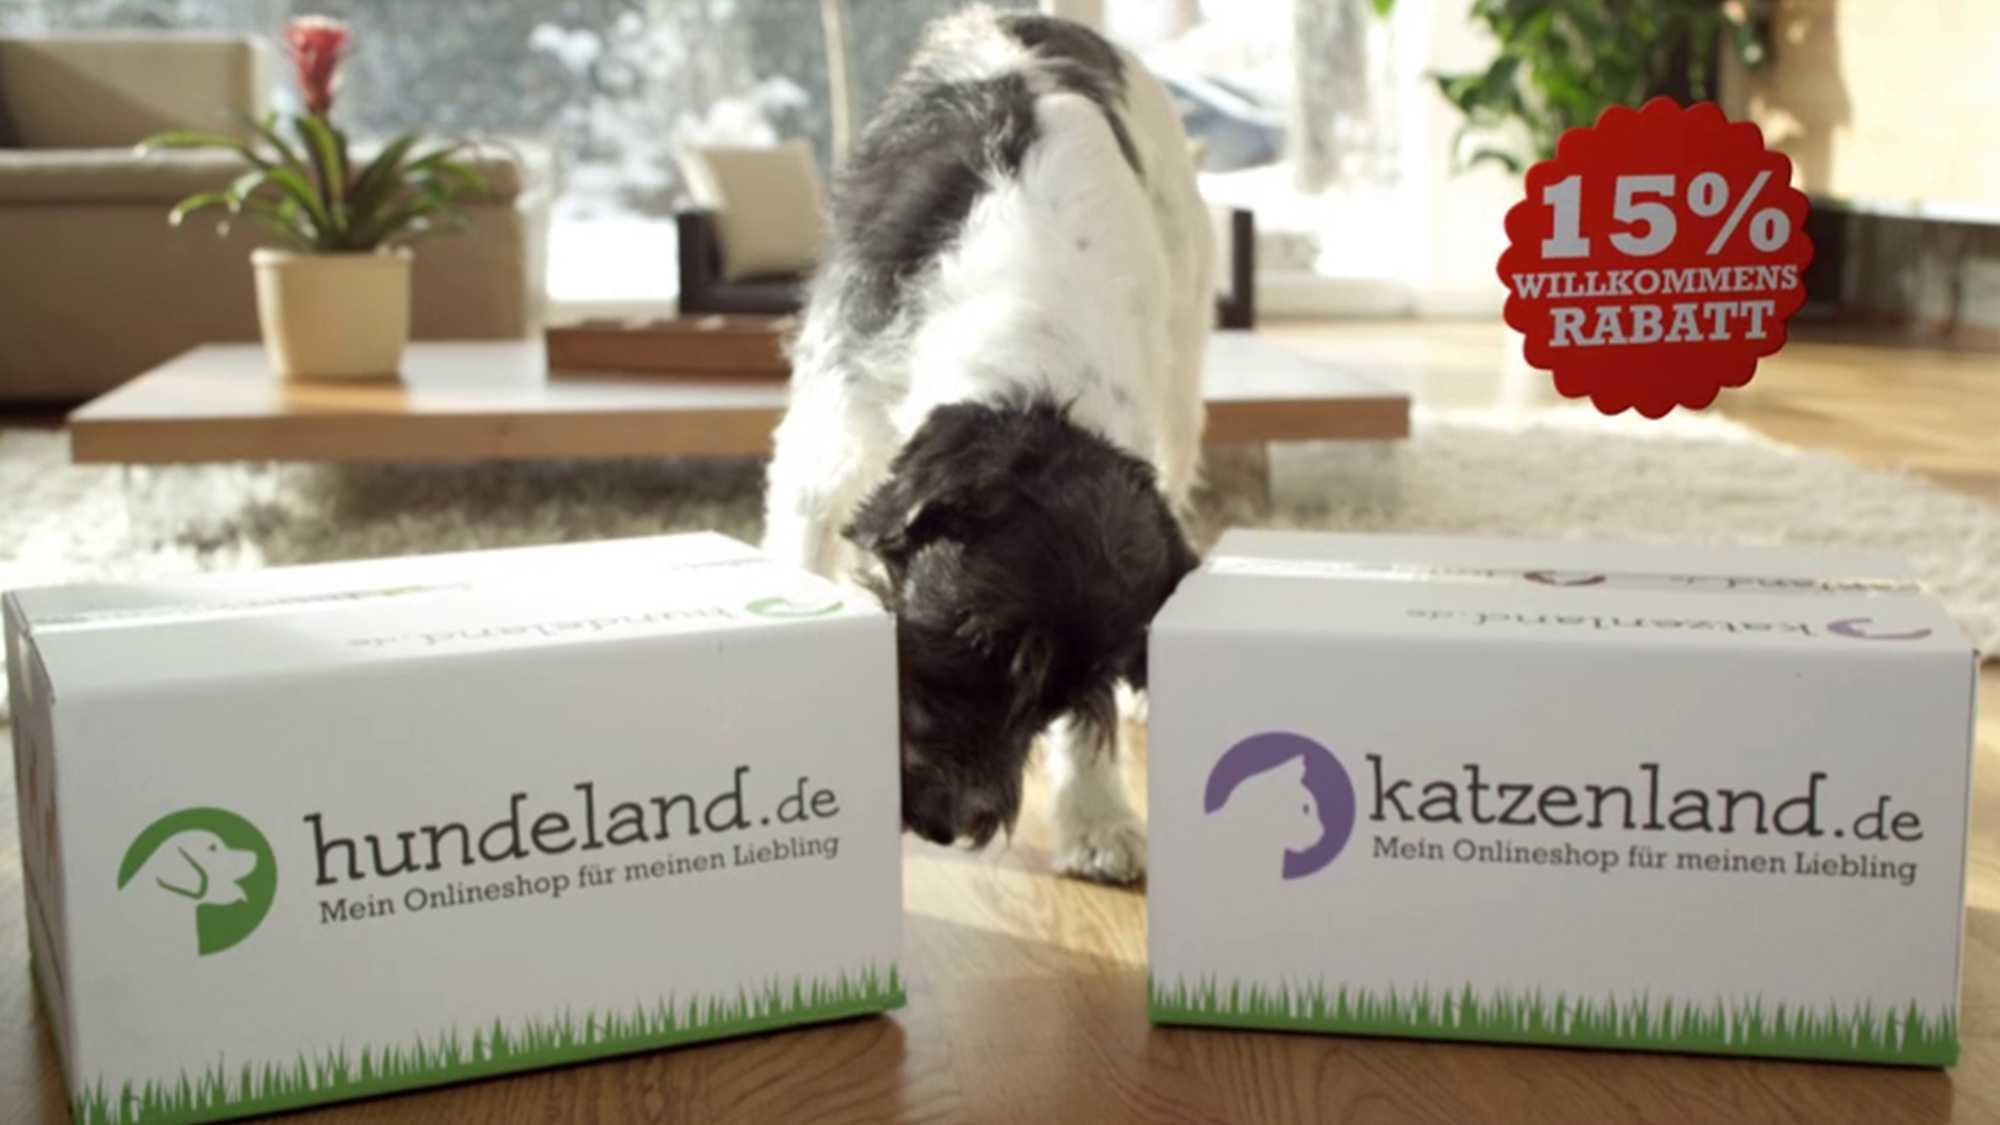 Das Bild zeigt einen Hund der in der Mitte von zwei Kartons steht. Er riecht an einem Karton, der auf der linken Seite steht. Dieser zeigt die Worte Hundeland.de. Daneben steht ein Karton der die Worte Katzenland.de zeigt. Das Bild dient als Sliderbild für den Portfolioeintrag Hundeland Katzenland von Panda Pictures.